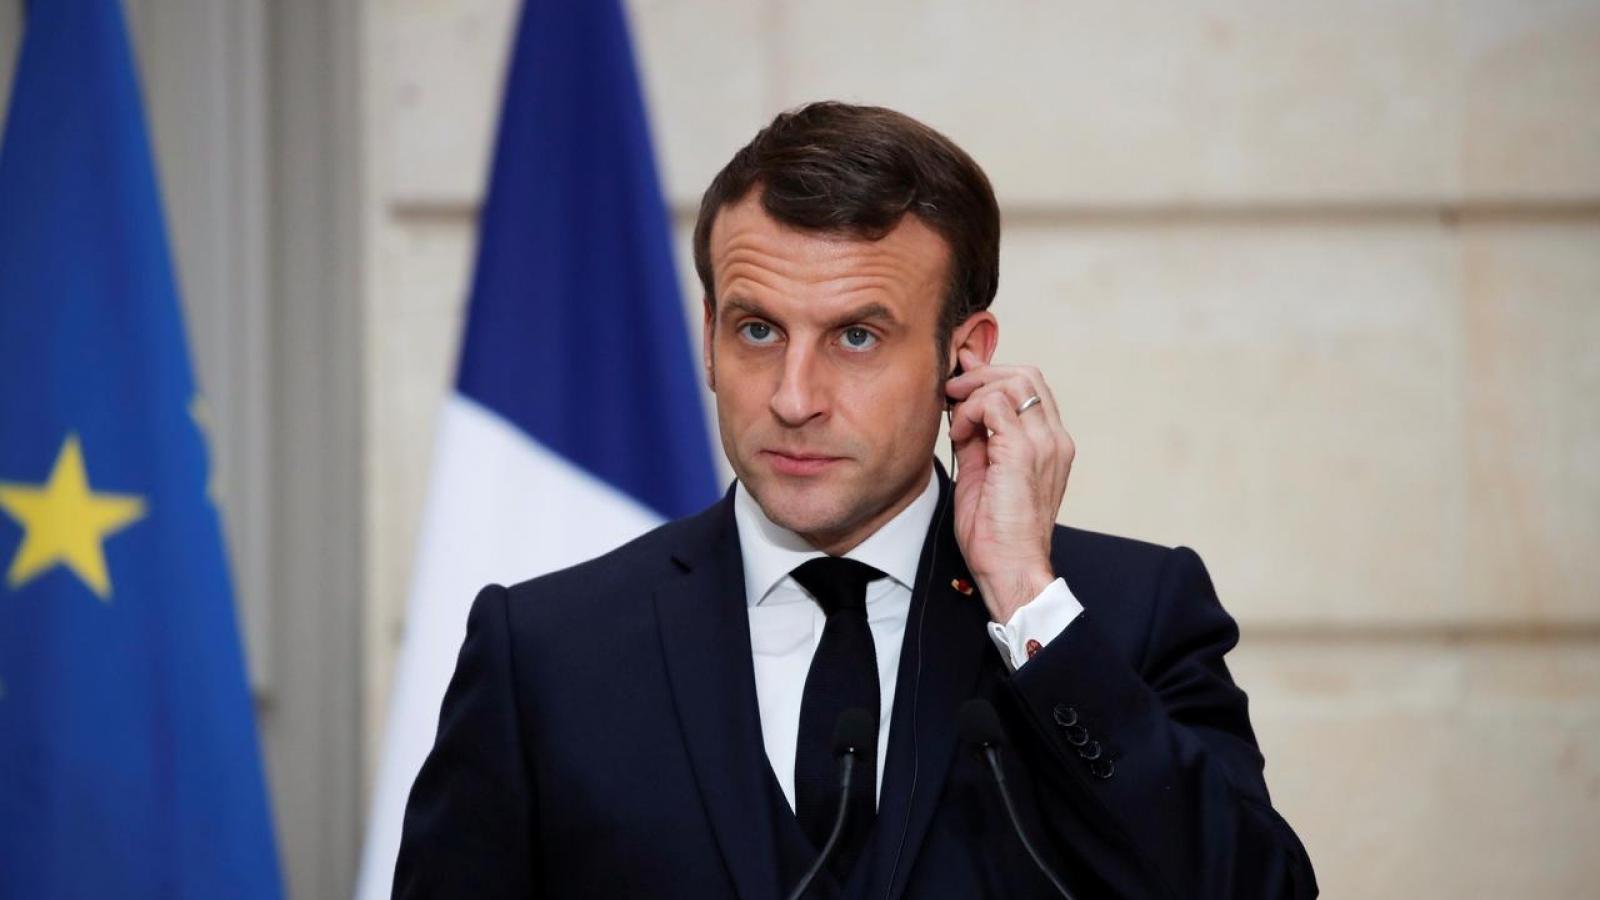 Pháp yêu cầu Thổ Nhĩ Kỳ giải thích vì mở đường cho phiến quân Syria ở Nagorno-Karabakh